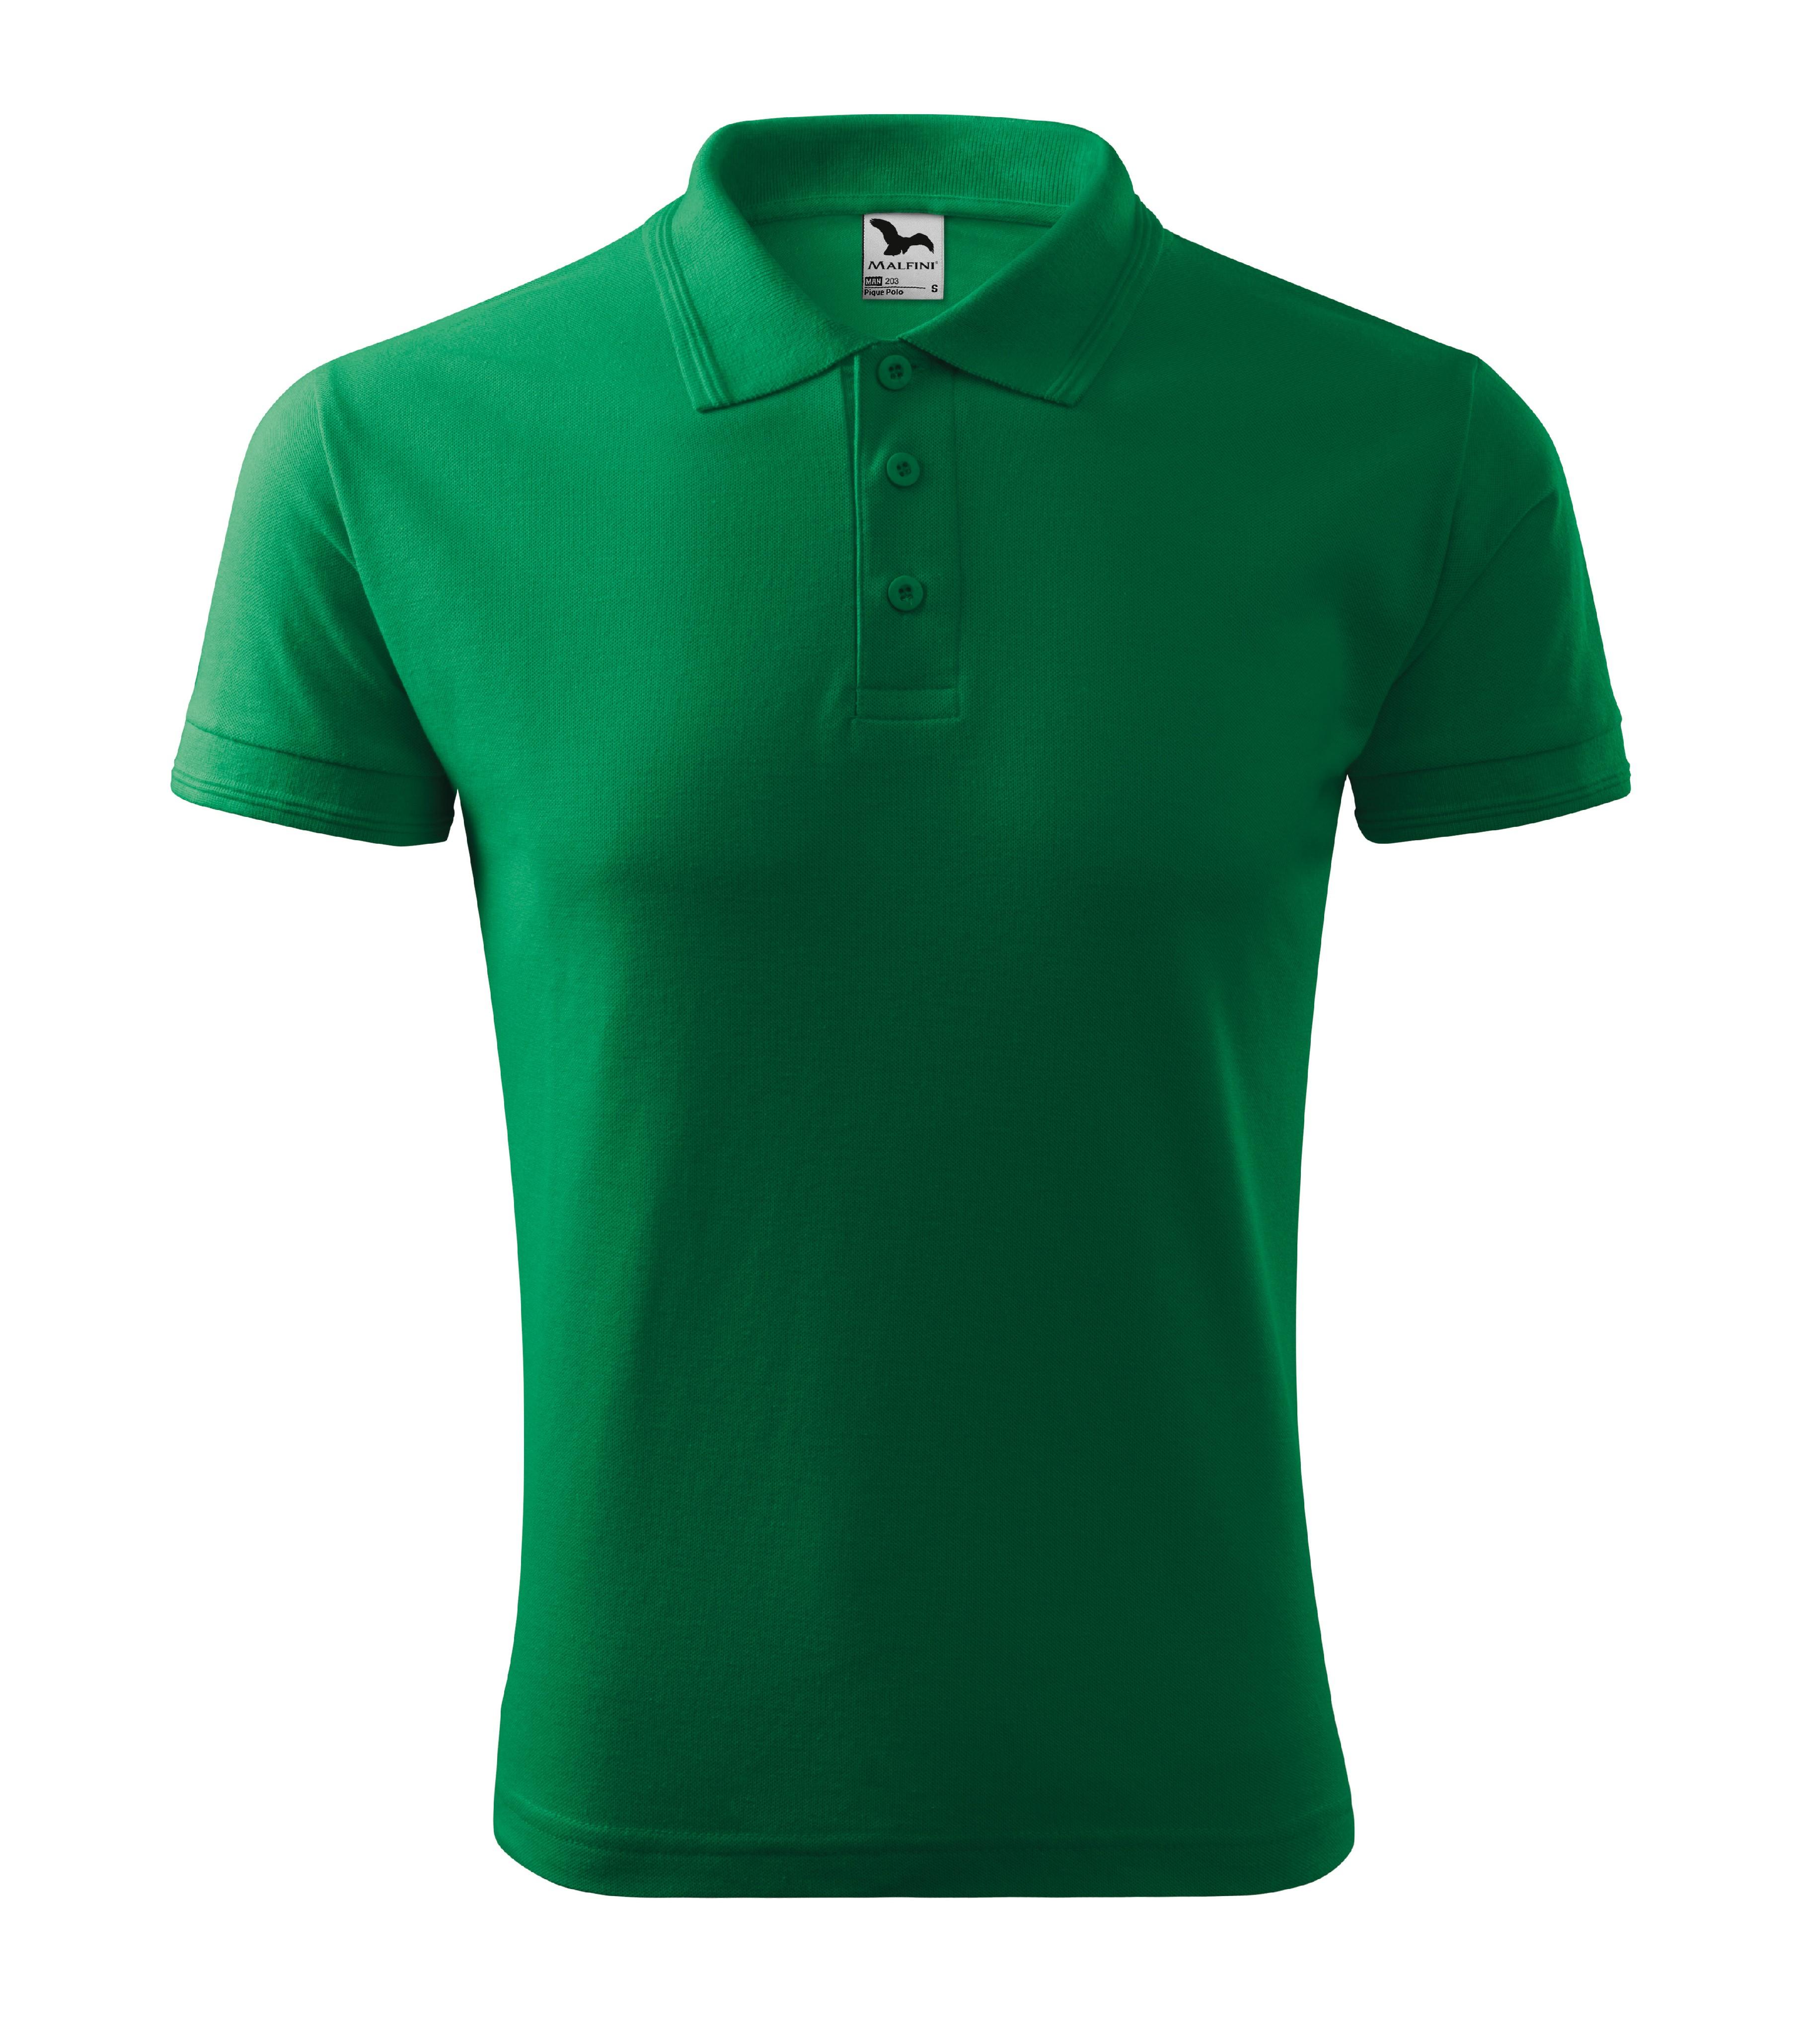 Polokošile pánská Pique Polo Barva: středně zelená, Velikost: L